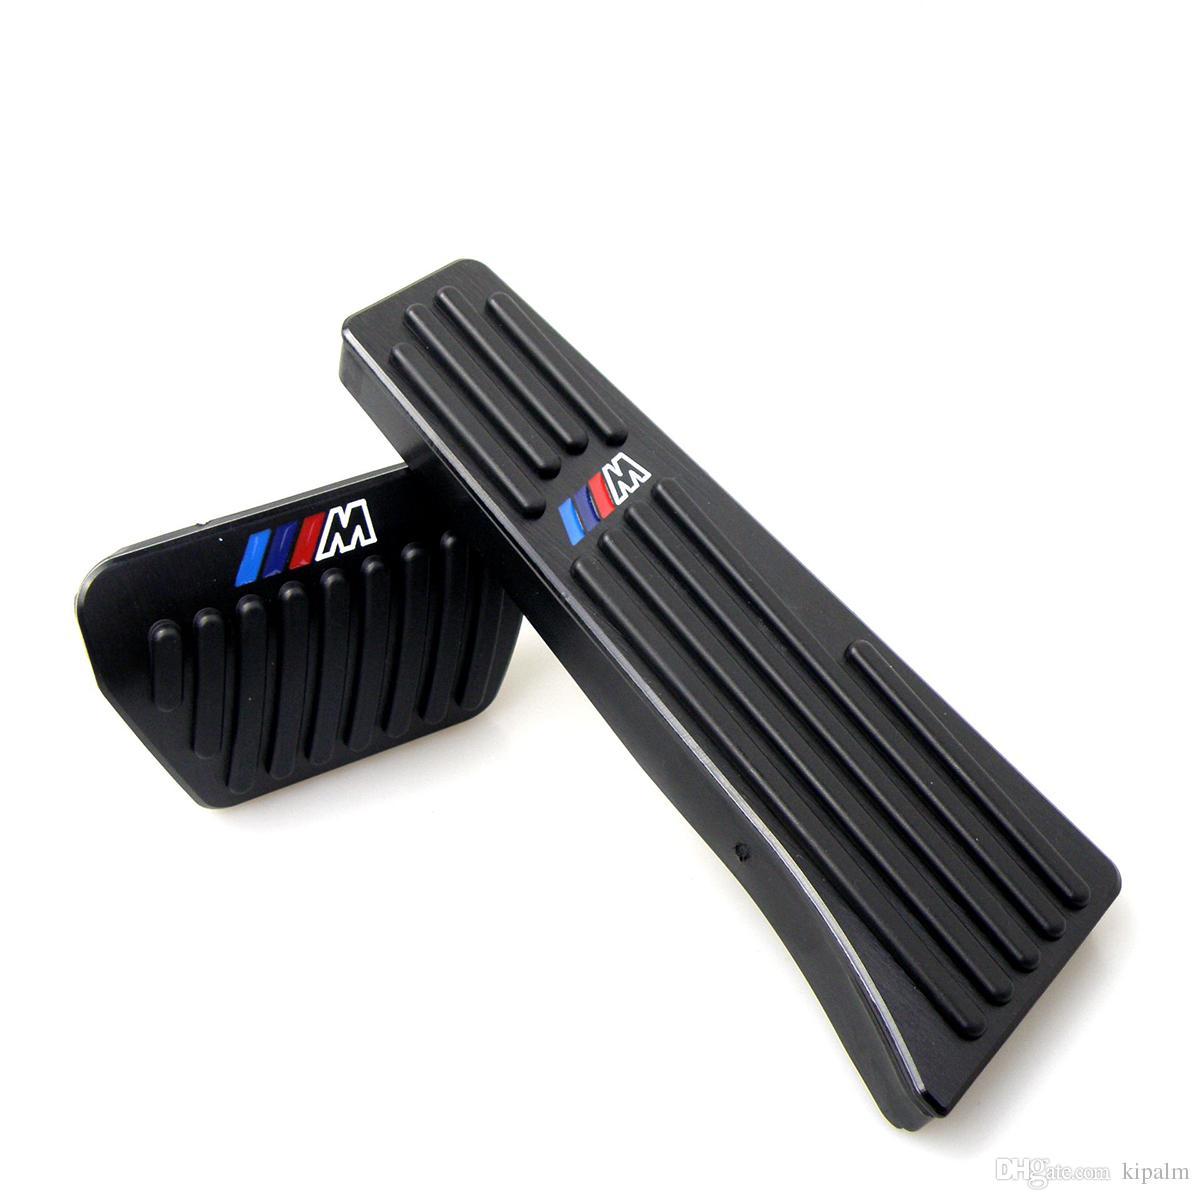 더 드릴 실버 없다 / M 로고와 BMW 1 2 3 4 5 6 시리즈 X1 X3의 X5 X6 가속기와 브레이크 페달 블랙 알루미늄 가스 브레이크 페달